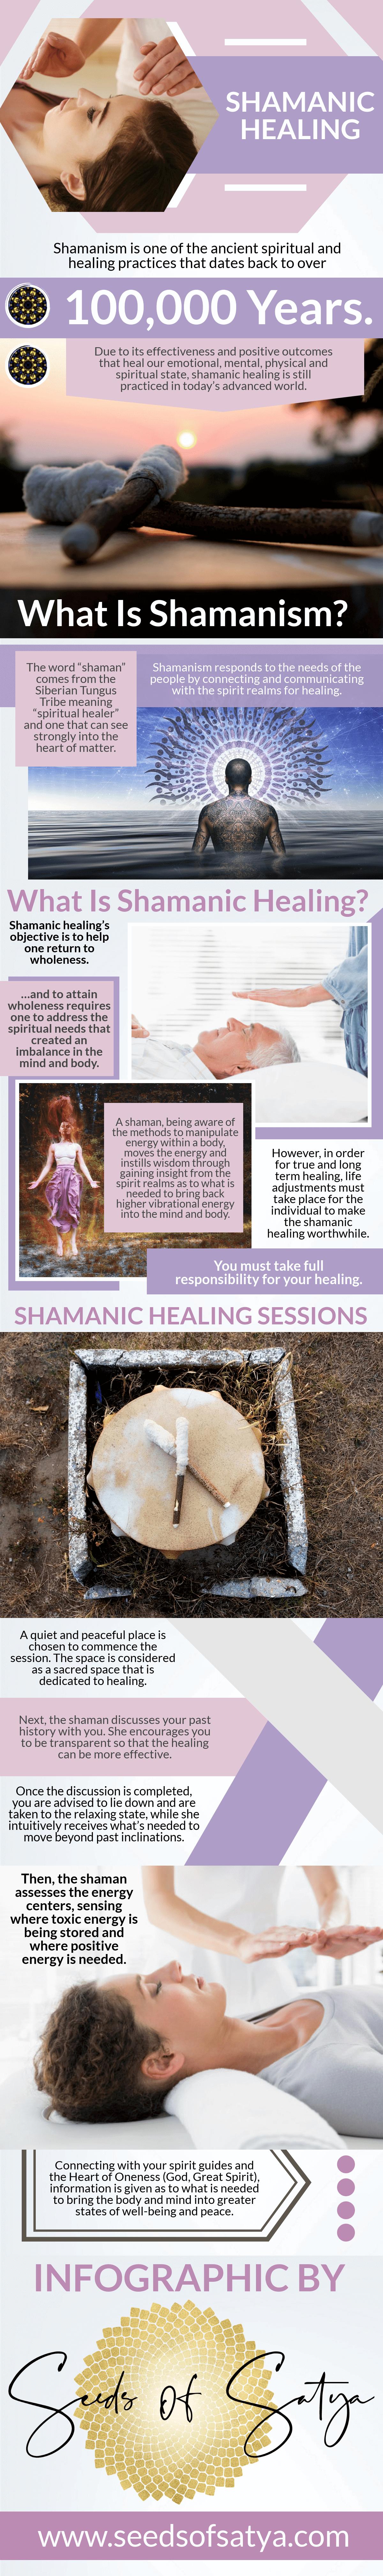 Shamanic Healing.png